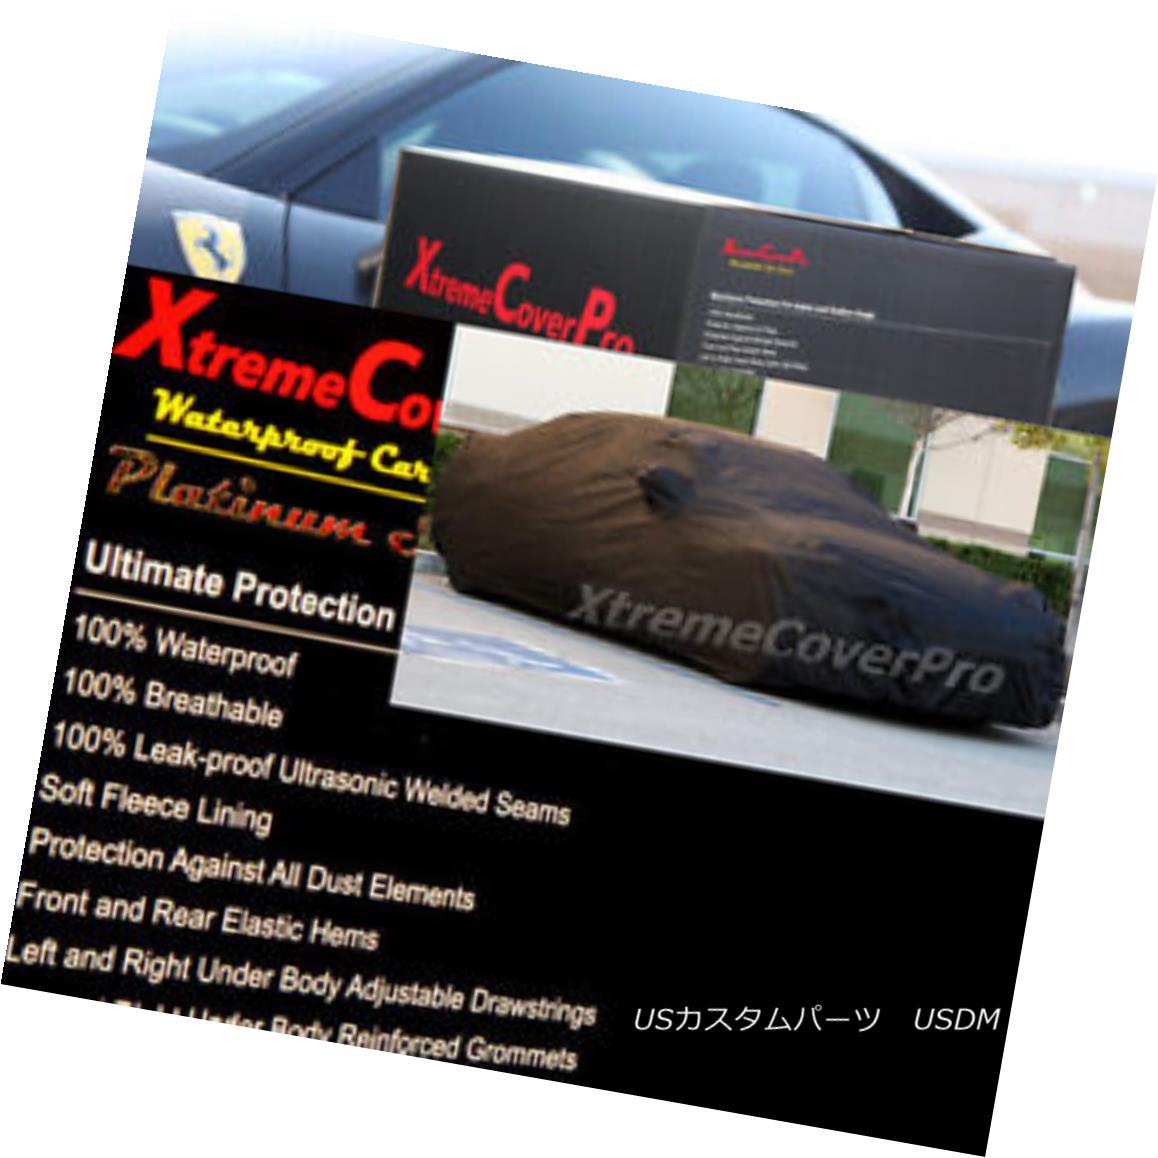 カーカバー 1999 2000 2001 2002 2003 Mazda Protege Waterproof Car Cover w/MirrorPocket 1999 2000 2001 2002 2003 Mazda Protege防水カーカバー付き(MirrorPocket)